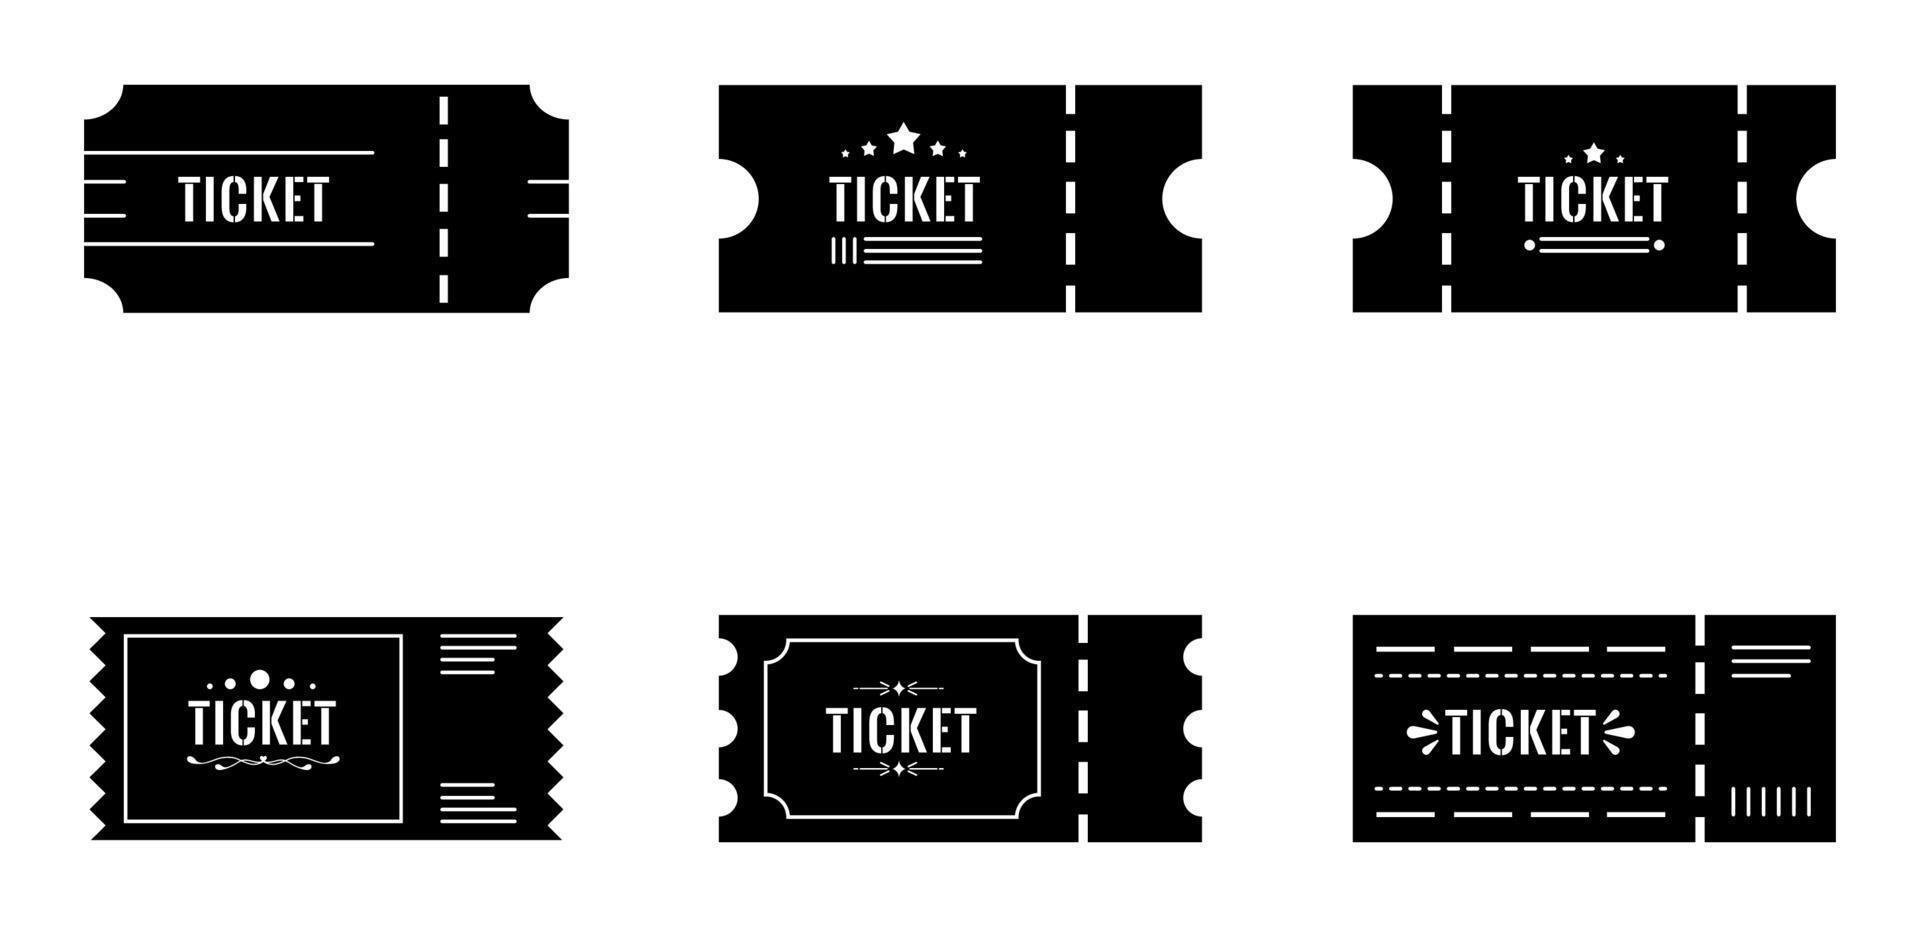 conjunto de ícones de ingressos - ilustração vetorial. vetor